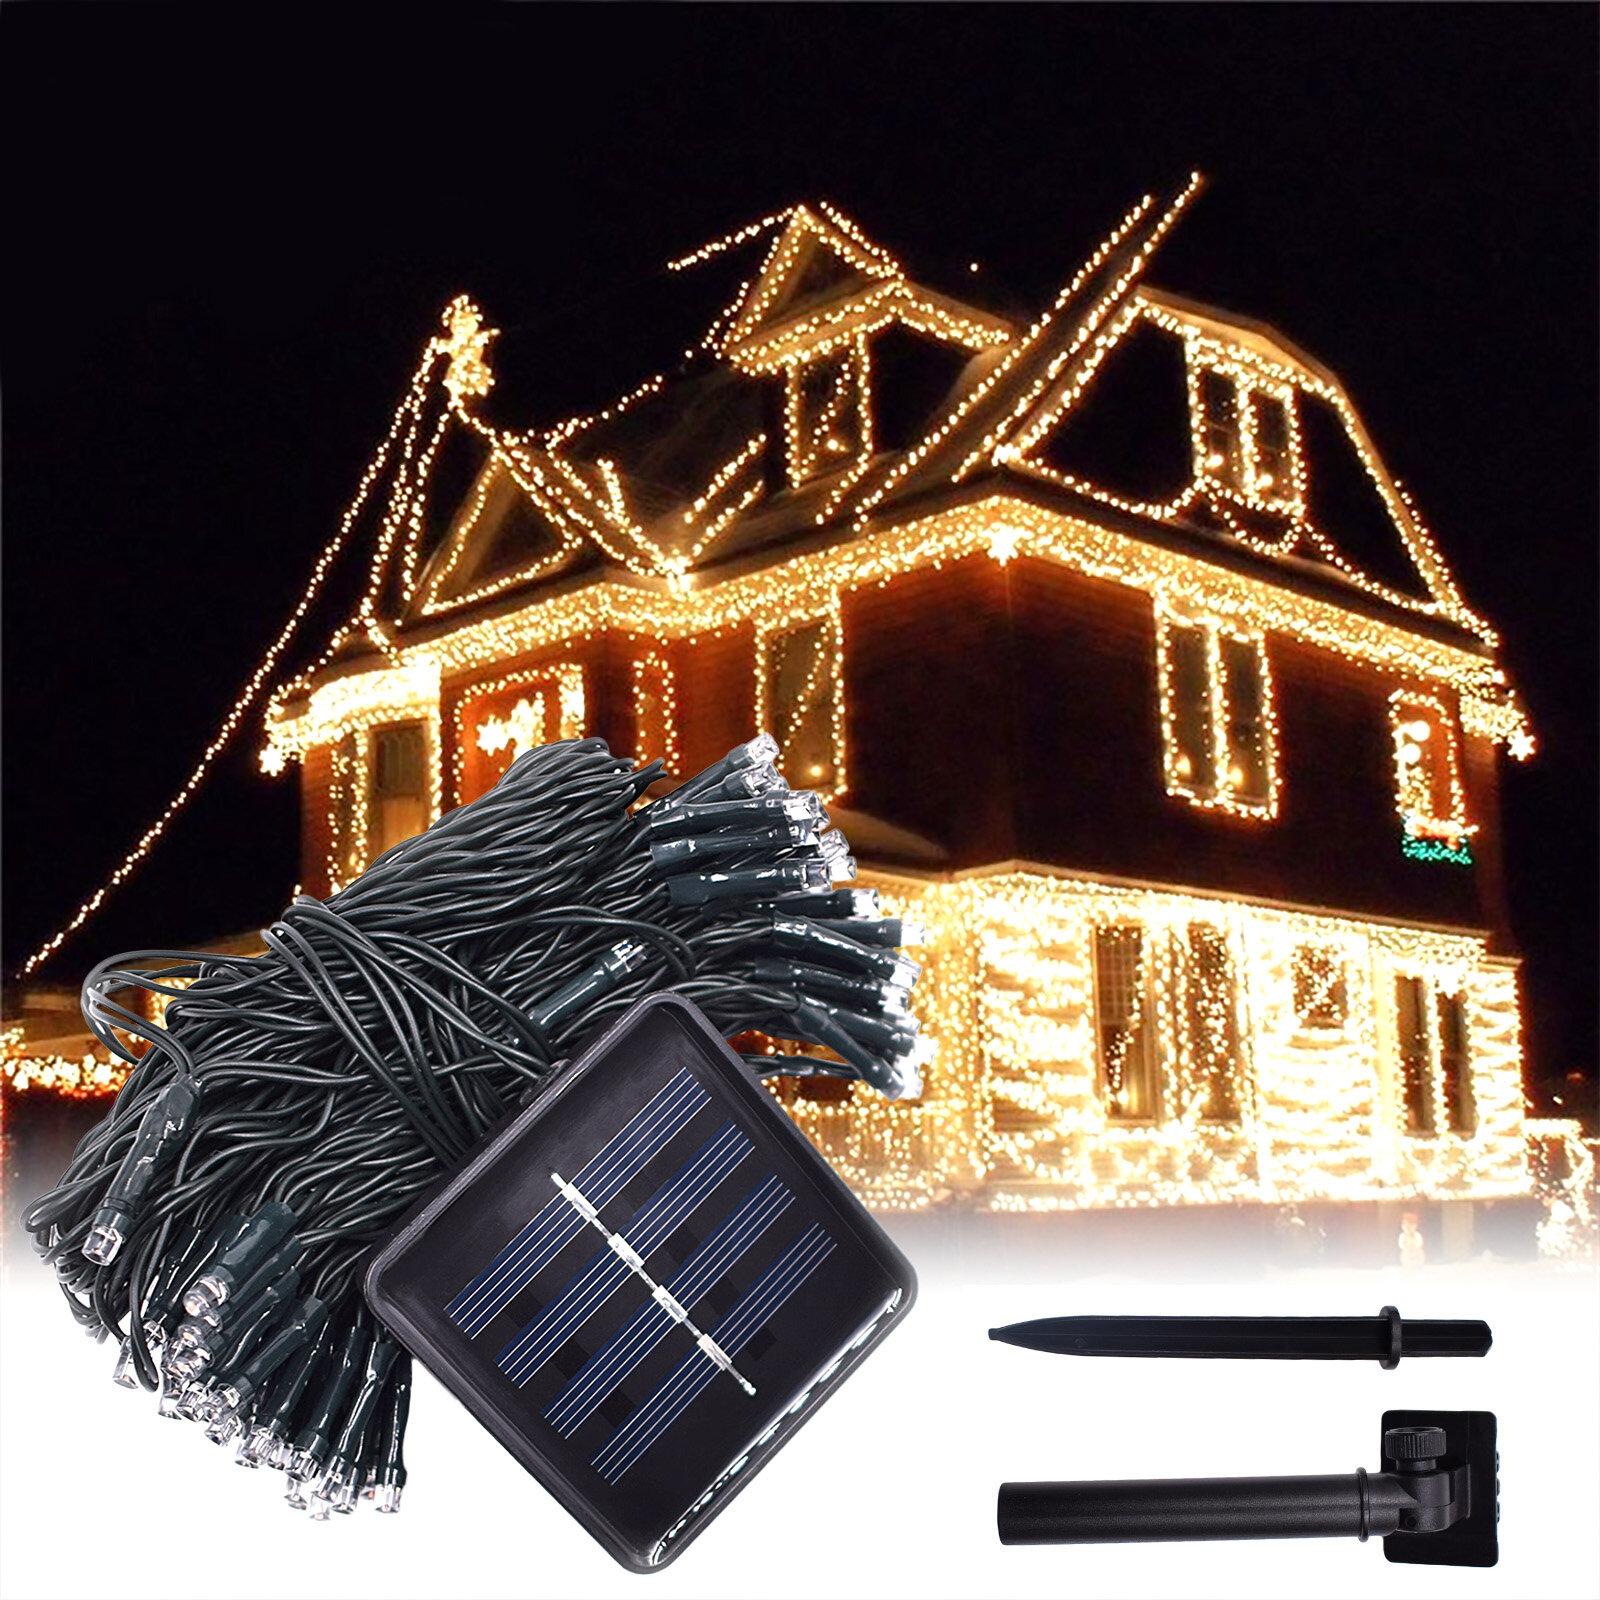 Lampki świąteczne z panelem solarnym 12M 100LED za $7.49 / ~29zł